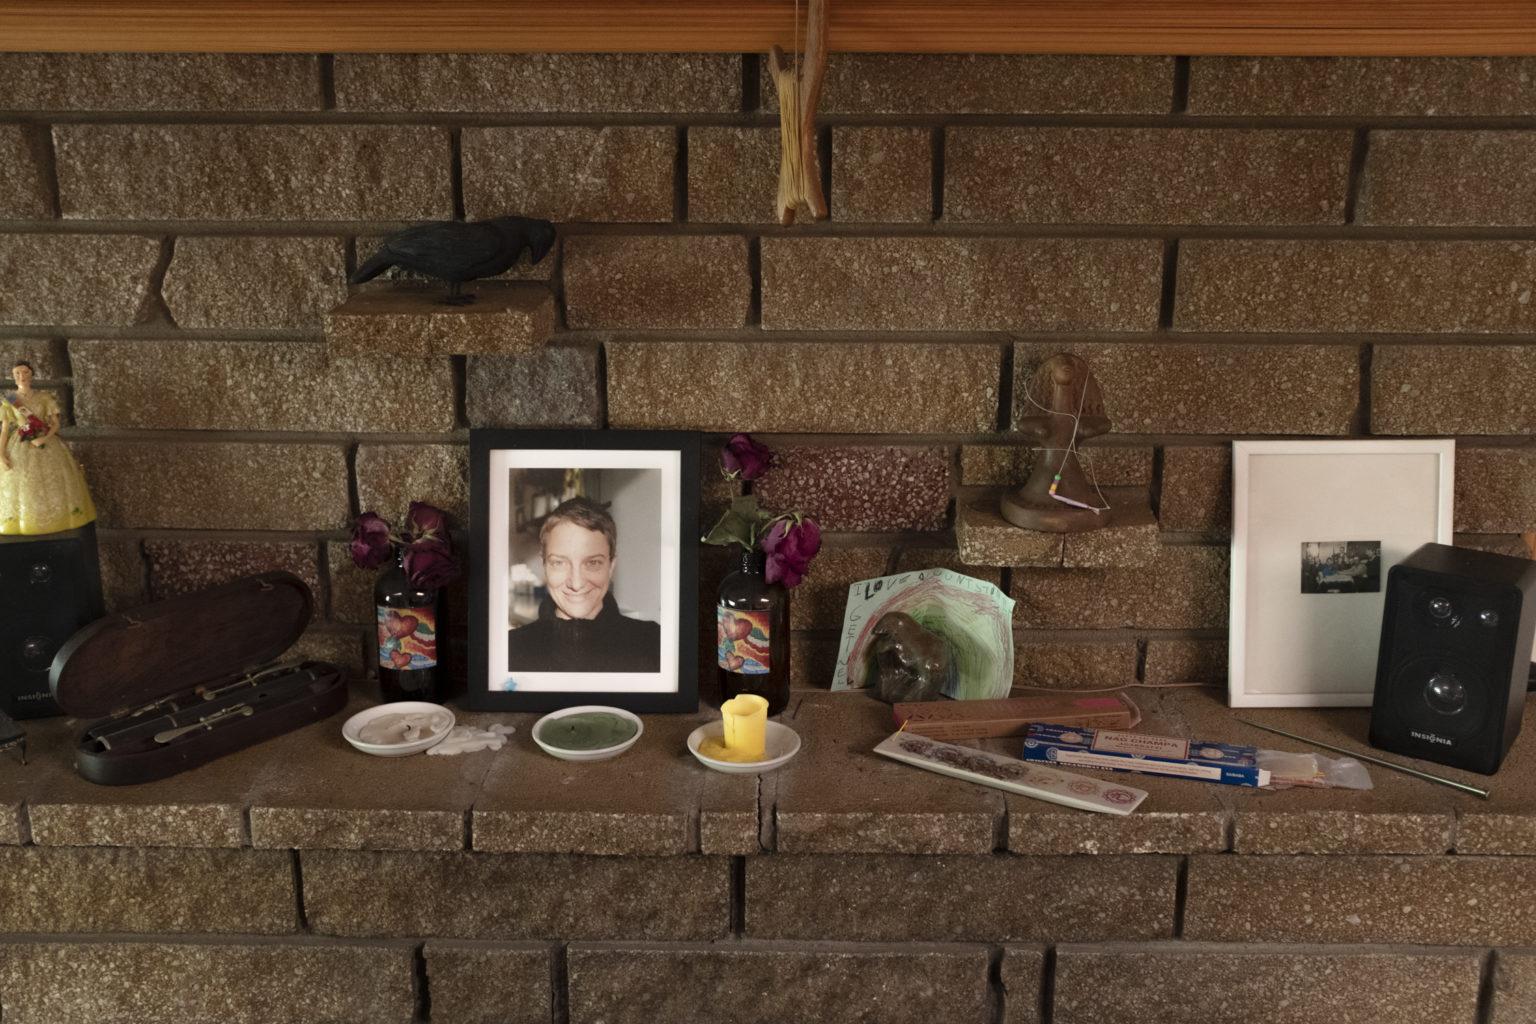 Week 11: <em>Living Room</em>, Meggan Gould, June 19, 2020